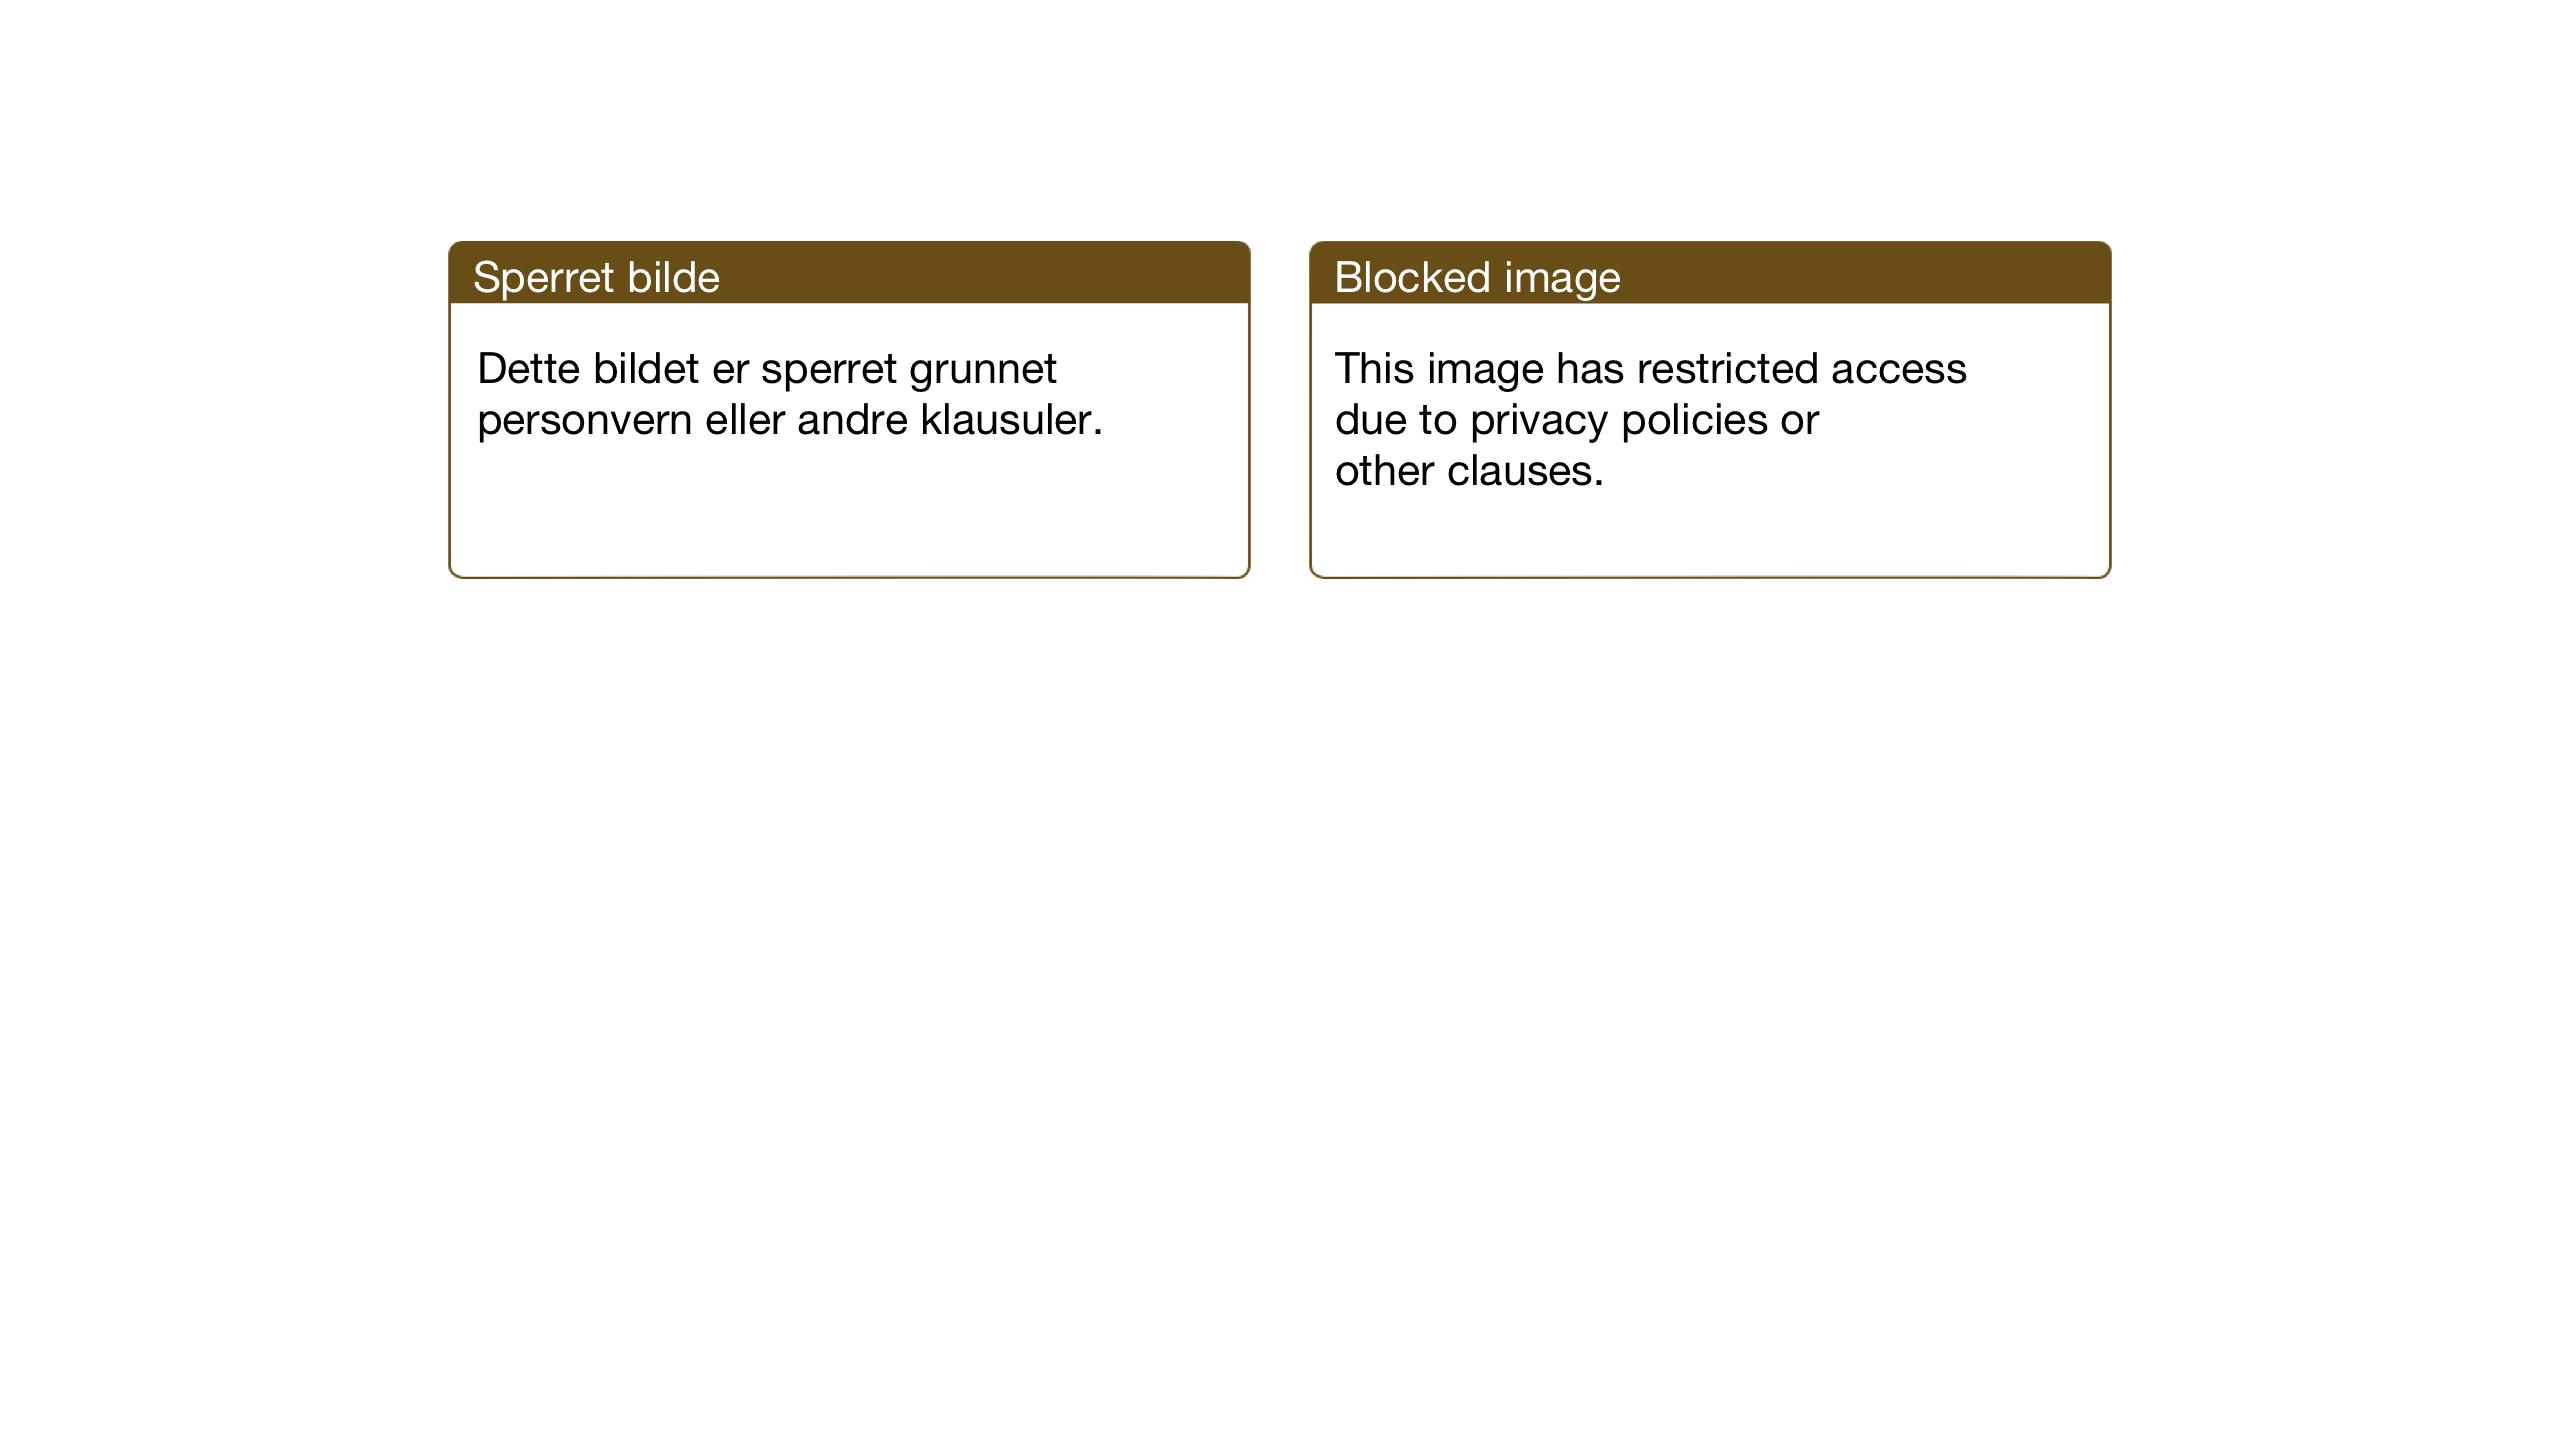 SAT, Ministerialprotokoller, klokkerbøker og fødselsregistre - Nord-Trøndelag, 719/L0180: Klokkerbok nr. 719C01, 1878-1940, s. 64